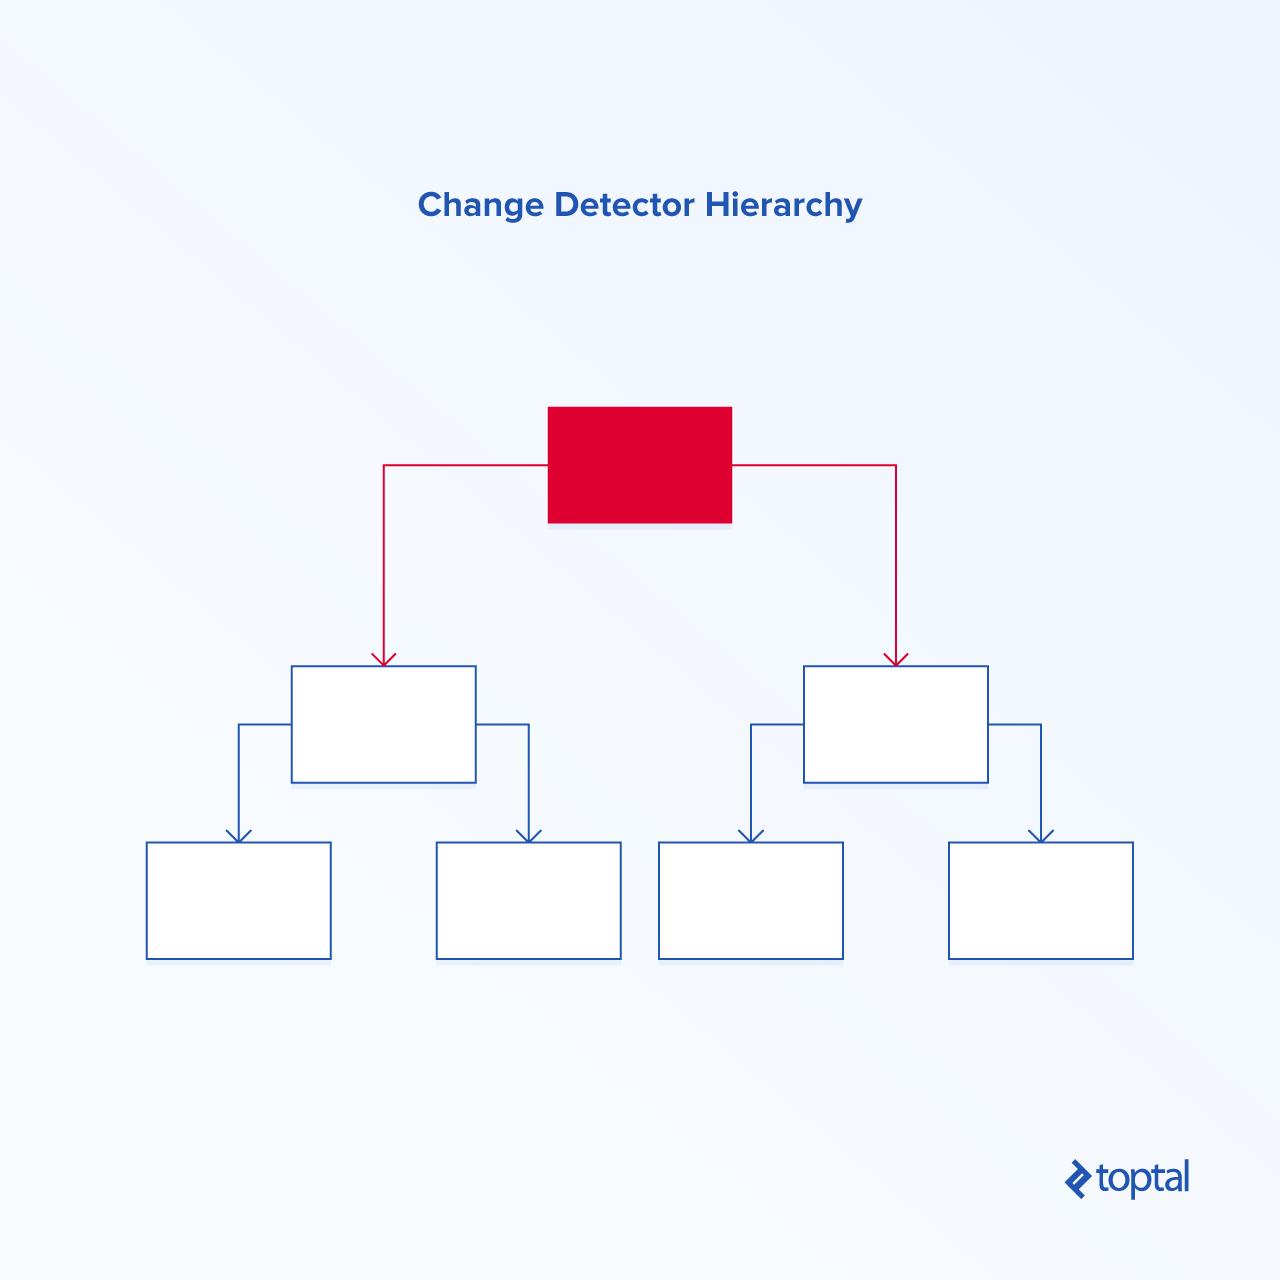 Change Detector Hierarchy